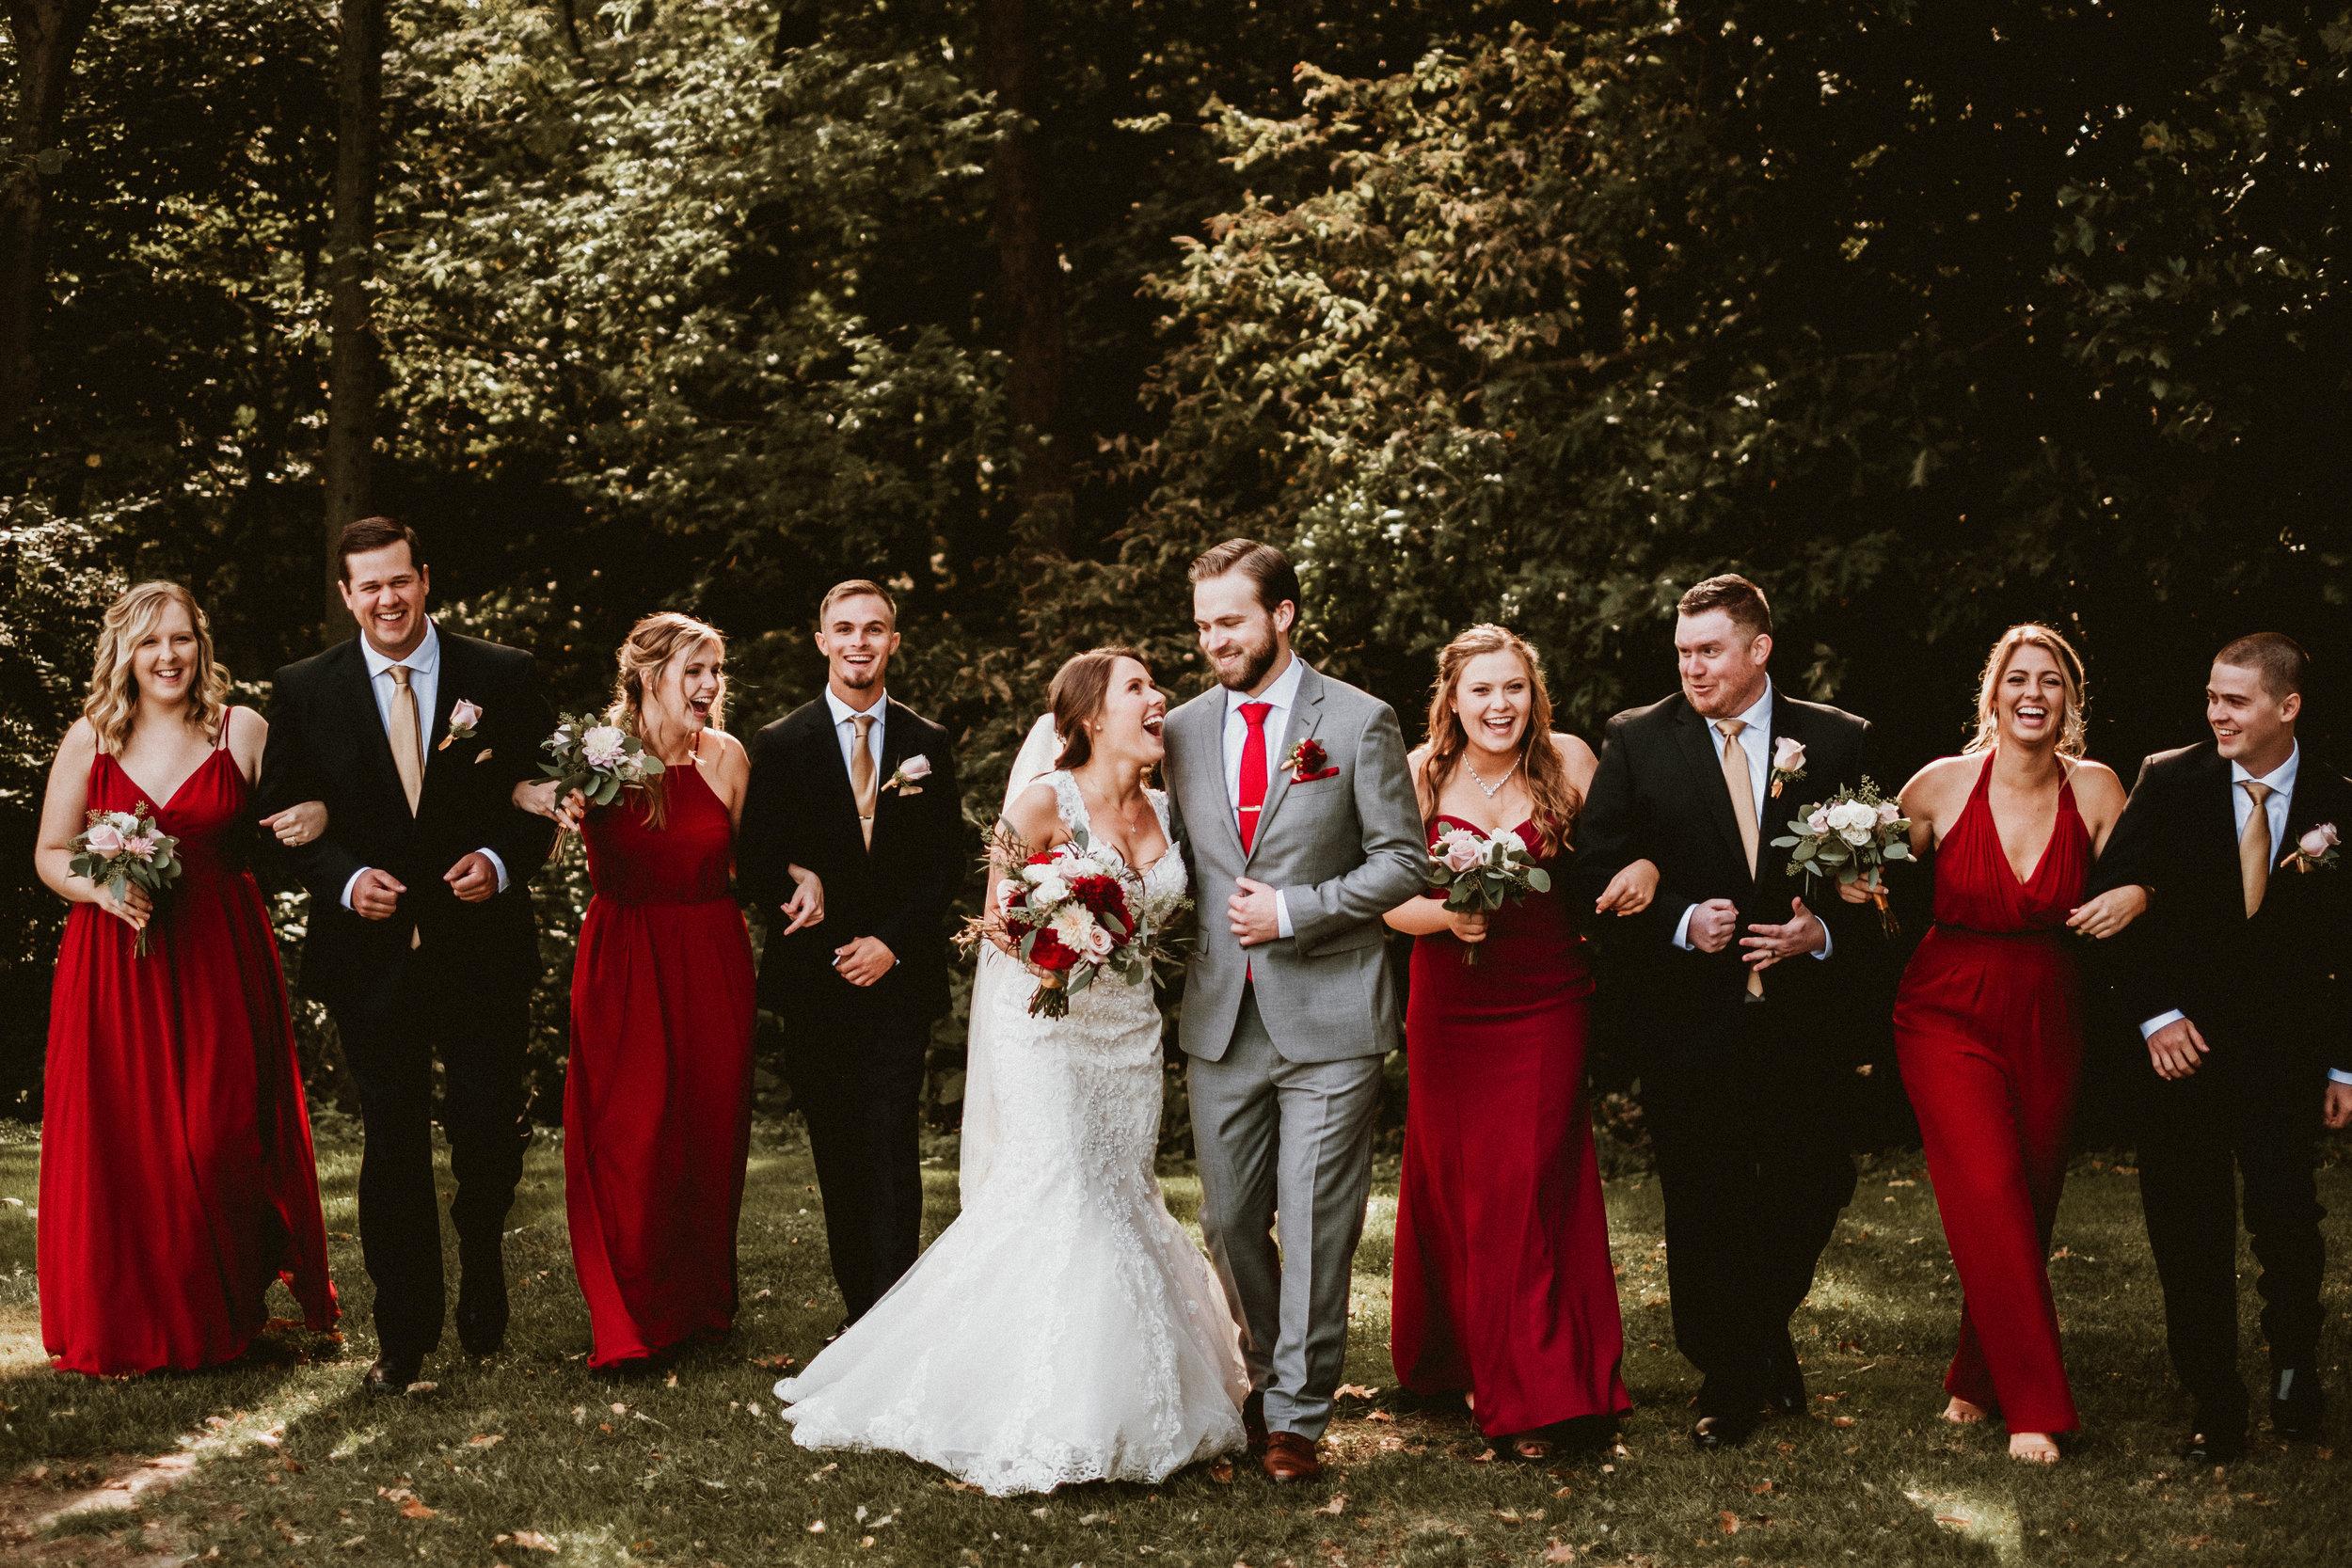 Bridal Party Walking Fall Wedding Burgundy.jpg